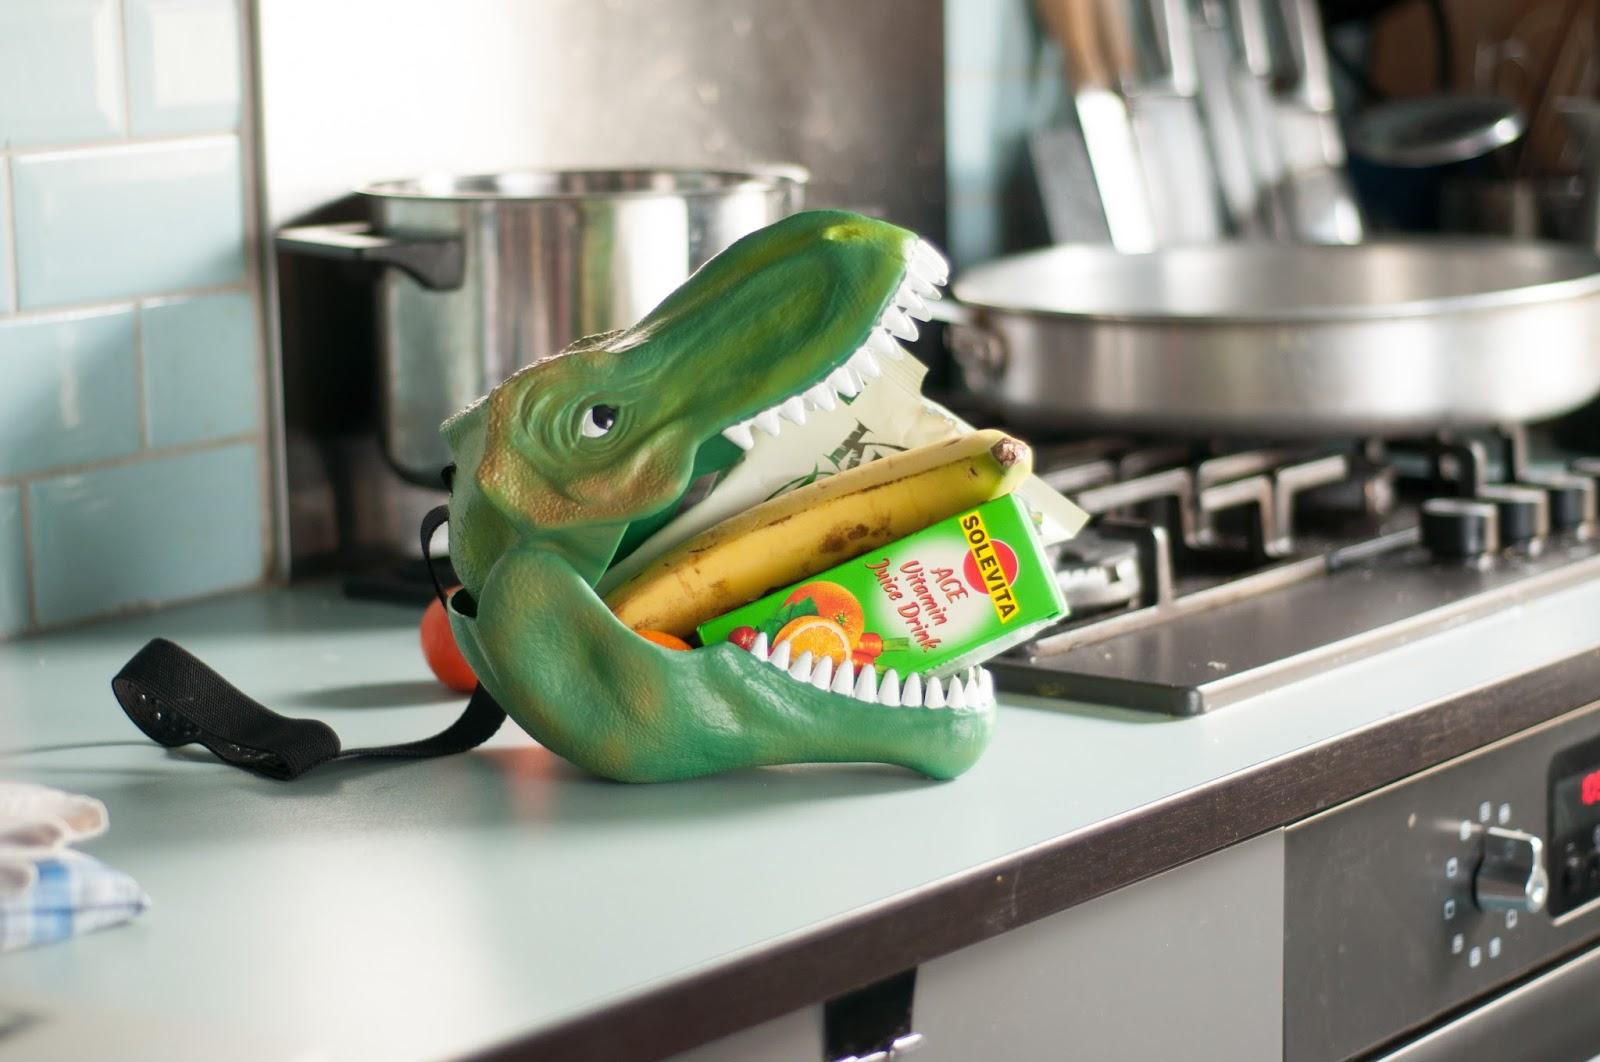 Eine Lunchbox in Form eines T-Rex Dinosaurier Kopf liegt auf einem Küchentisch im Hintergrund sieht man Töpfe